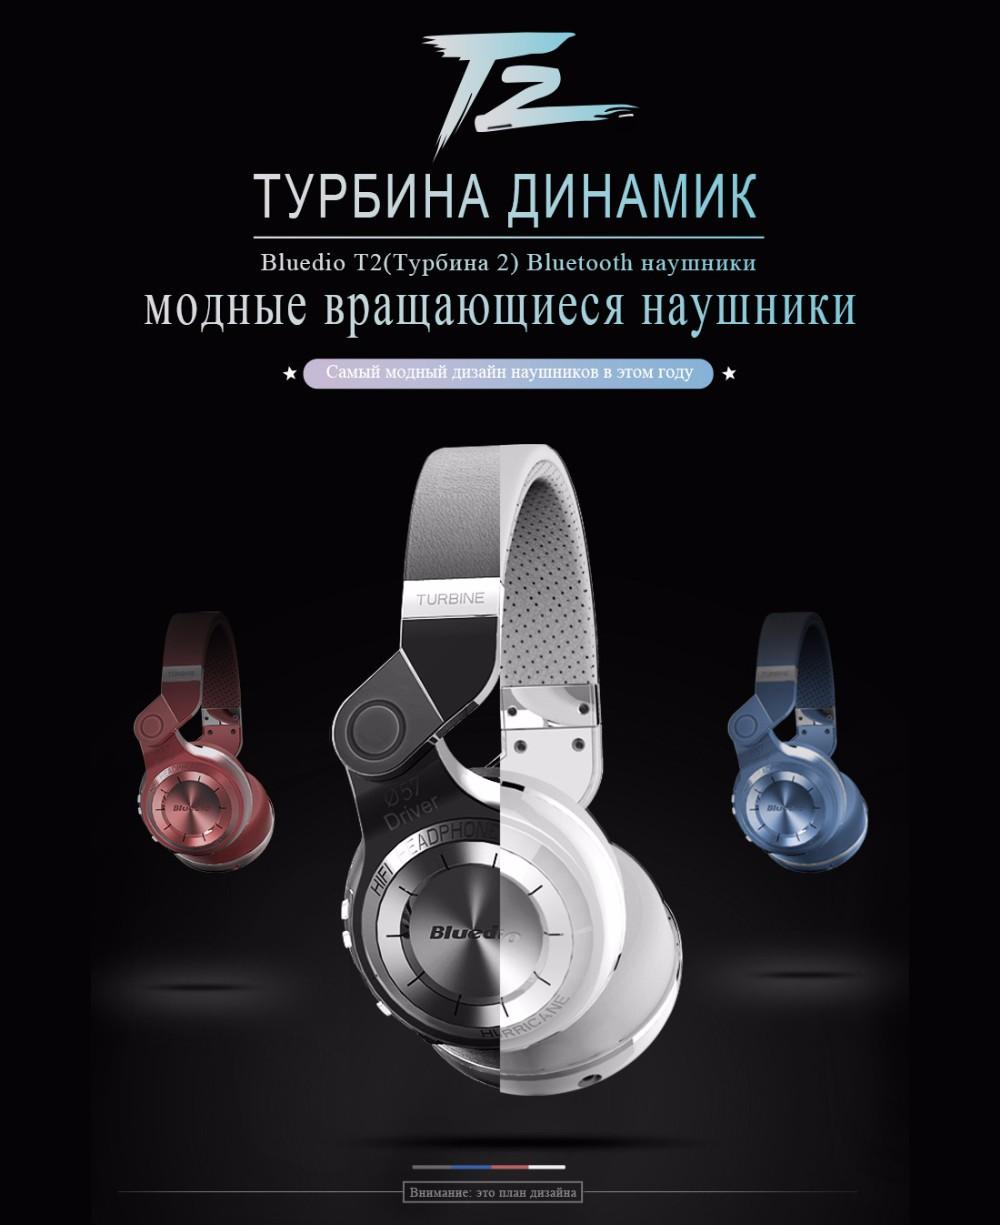 оригинальный bluedio Т2 связь bluetooth стерео наушники беспроводные связь Bluetooth 4.1 гарнитура хуррикан серии на ухо наушников